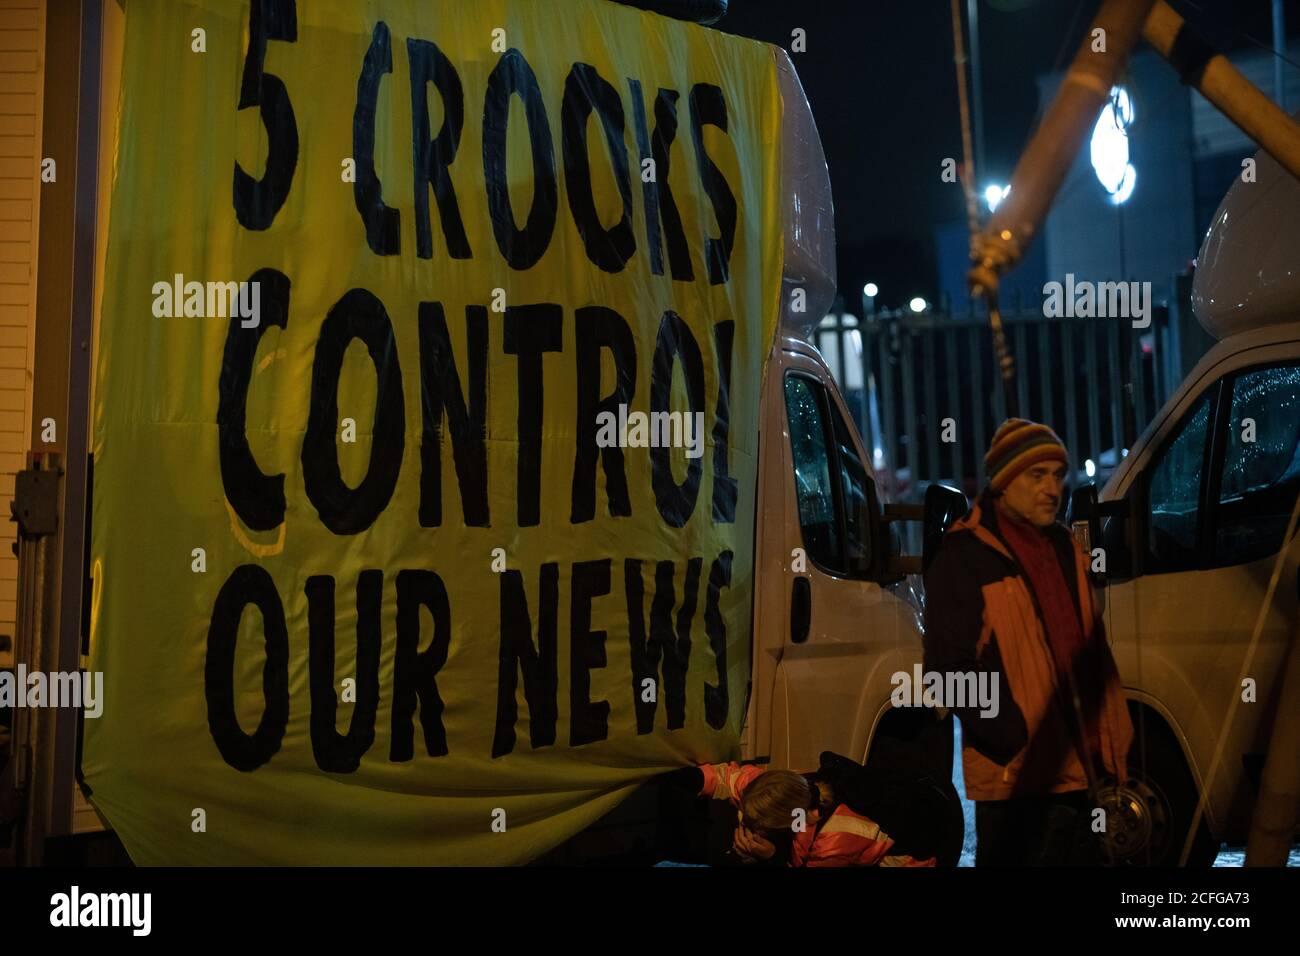 """Extinction Rebellion durchgeführt gewaltfreie direkte Aktion zur Blockade News International's Druckwerke zu protestieren Eigentum von Großbritannien durch Oligarchen und ihr Versagen, """"die Wahrheit zu sagen"""" angemessen berichten das Ausmaß der Klimakrise und ihre häufige Unterstützung für Klimaskepsis oder Denialismus. Times, Telegraph, Sun, Mail & Evening Standard waren meist nicht in der Lage, Druckausgaben zu verteilen. Kredit: Gareth Morris/Alamy Live Nachrichten Stockfoto"""